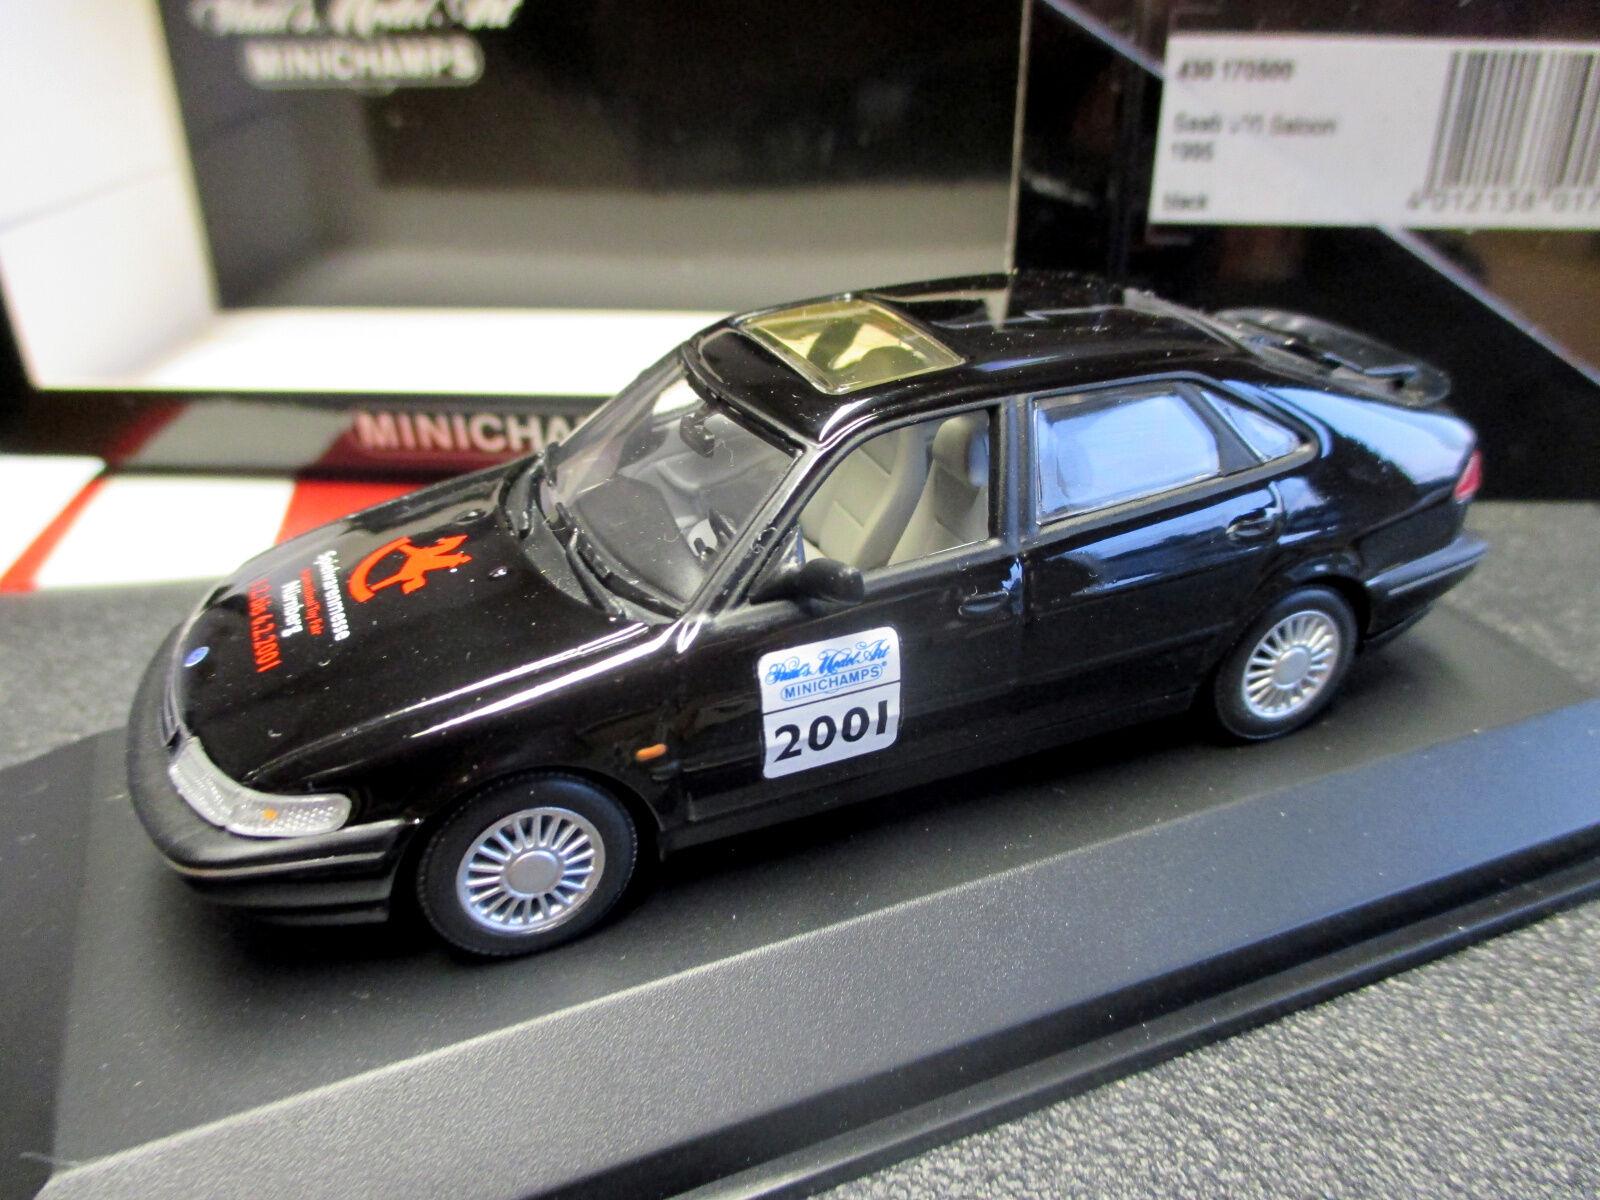 1 43 SAAB 900 Spielwaren-FIERA-modello Norimberga 2001 Minichamps MINT + RAR